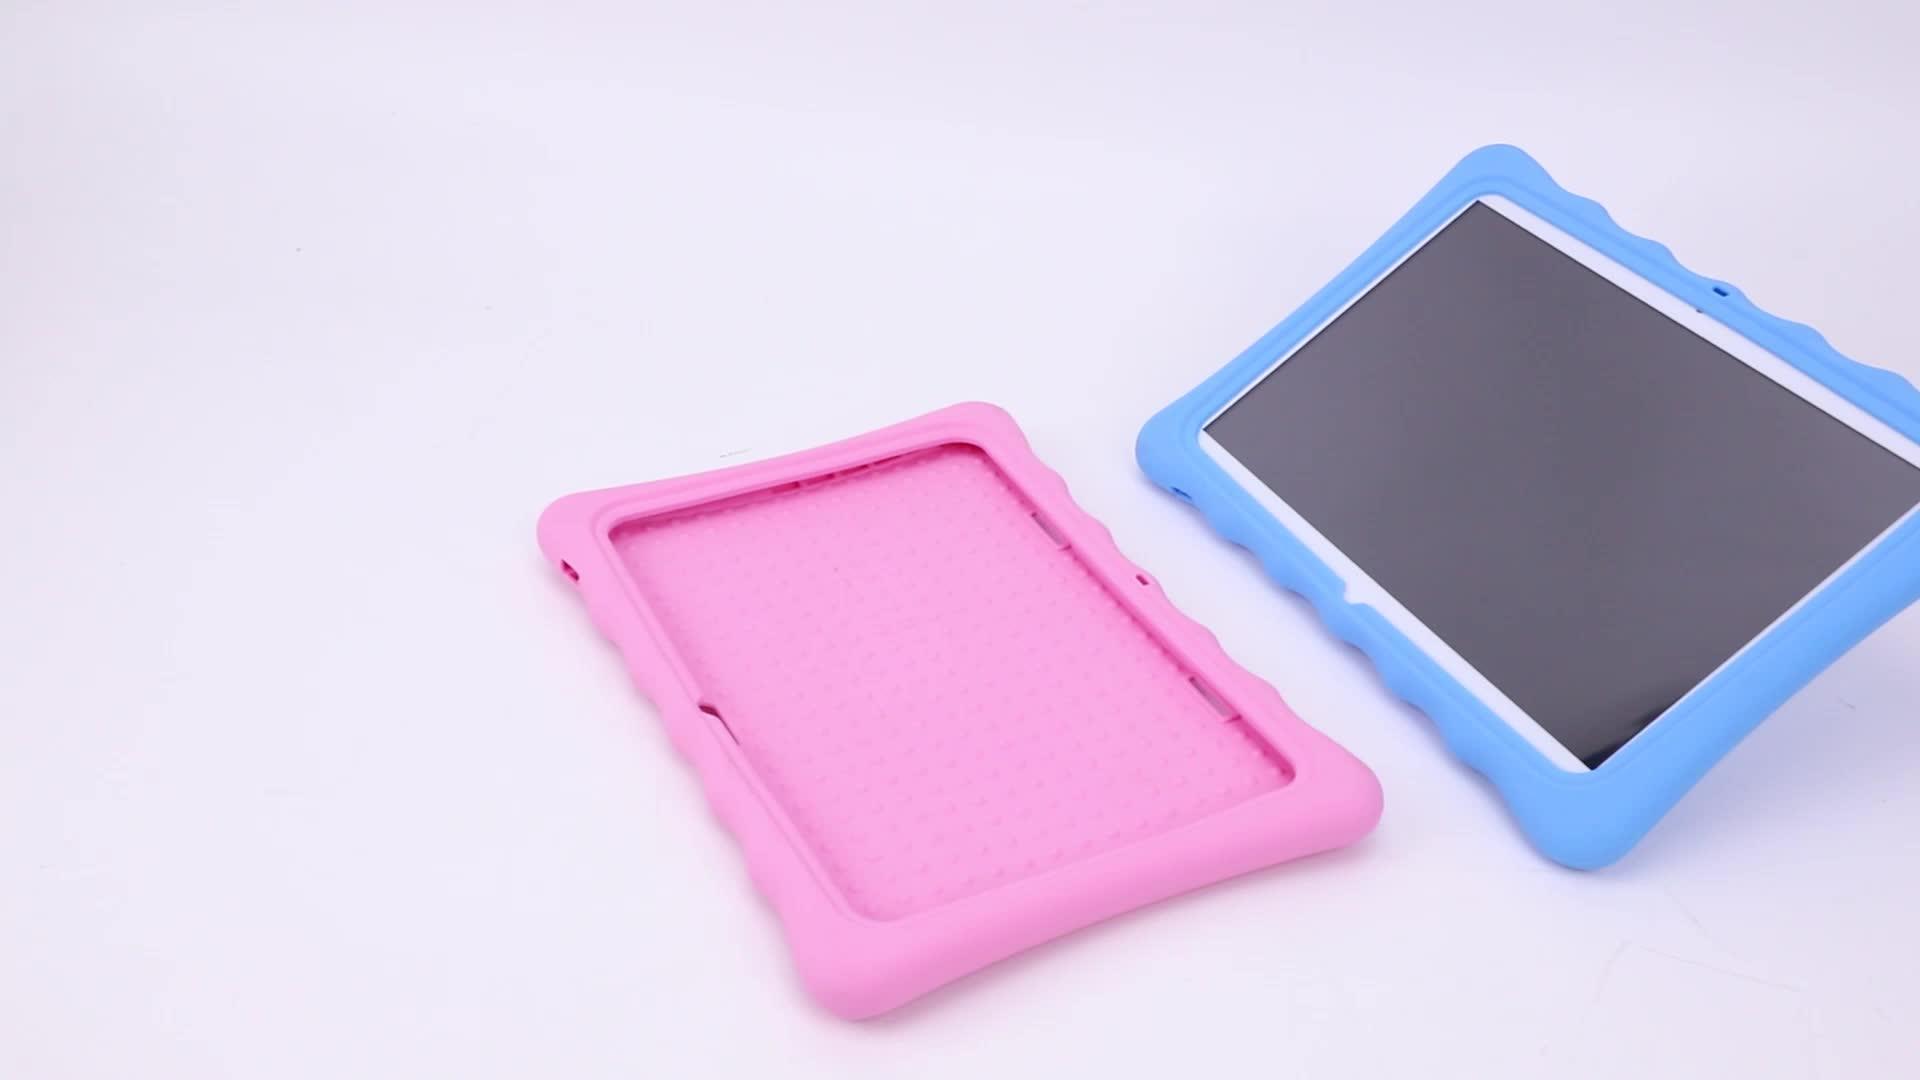 Sản Phẩm Mới 10 Inch Giáo Dục Trẻ Em Android Tablet 3G Cuộc Gọi Điện Thoại Trẻ Em Tablet PC Giá Trung Quốc Cho Học Tập